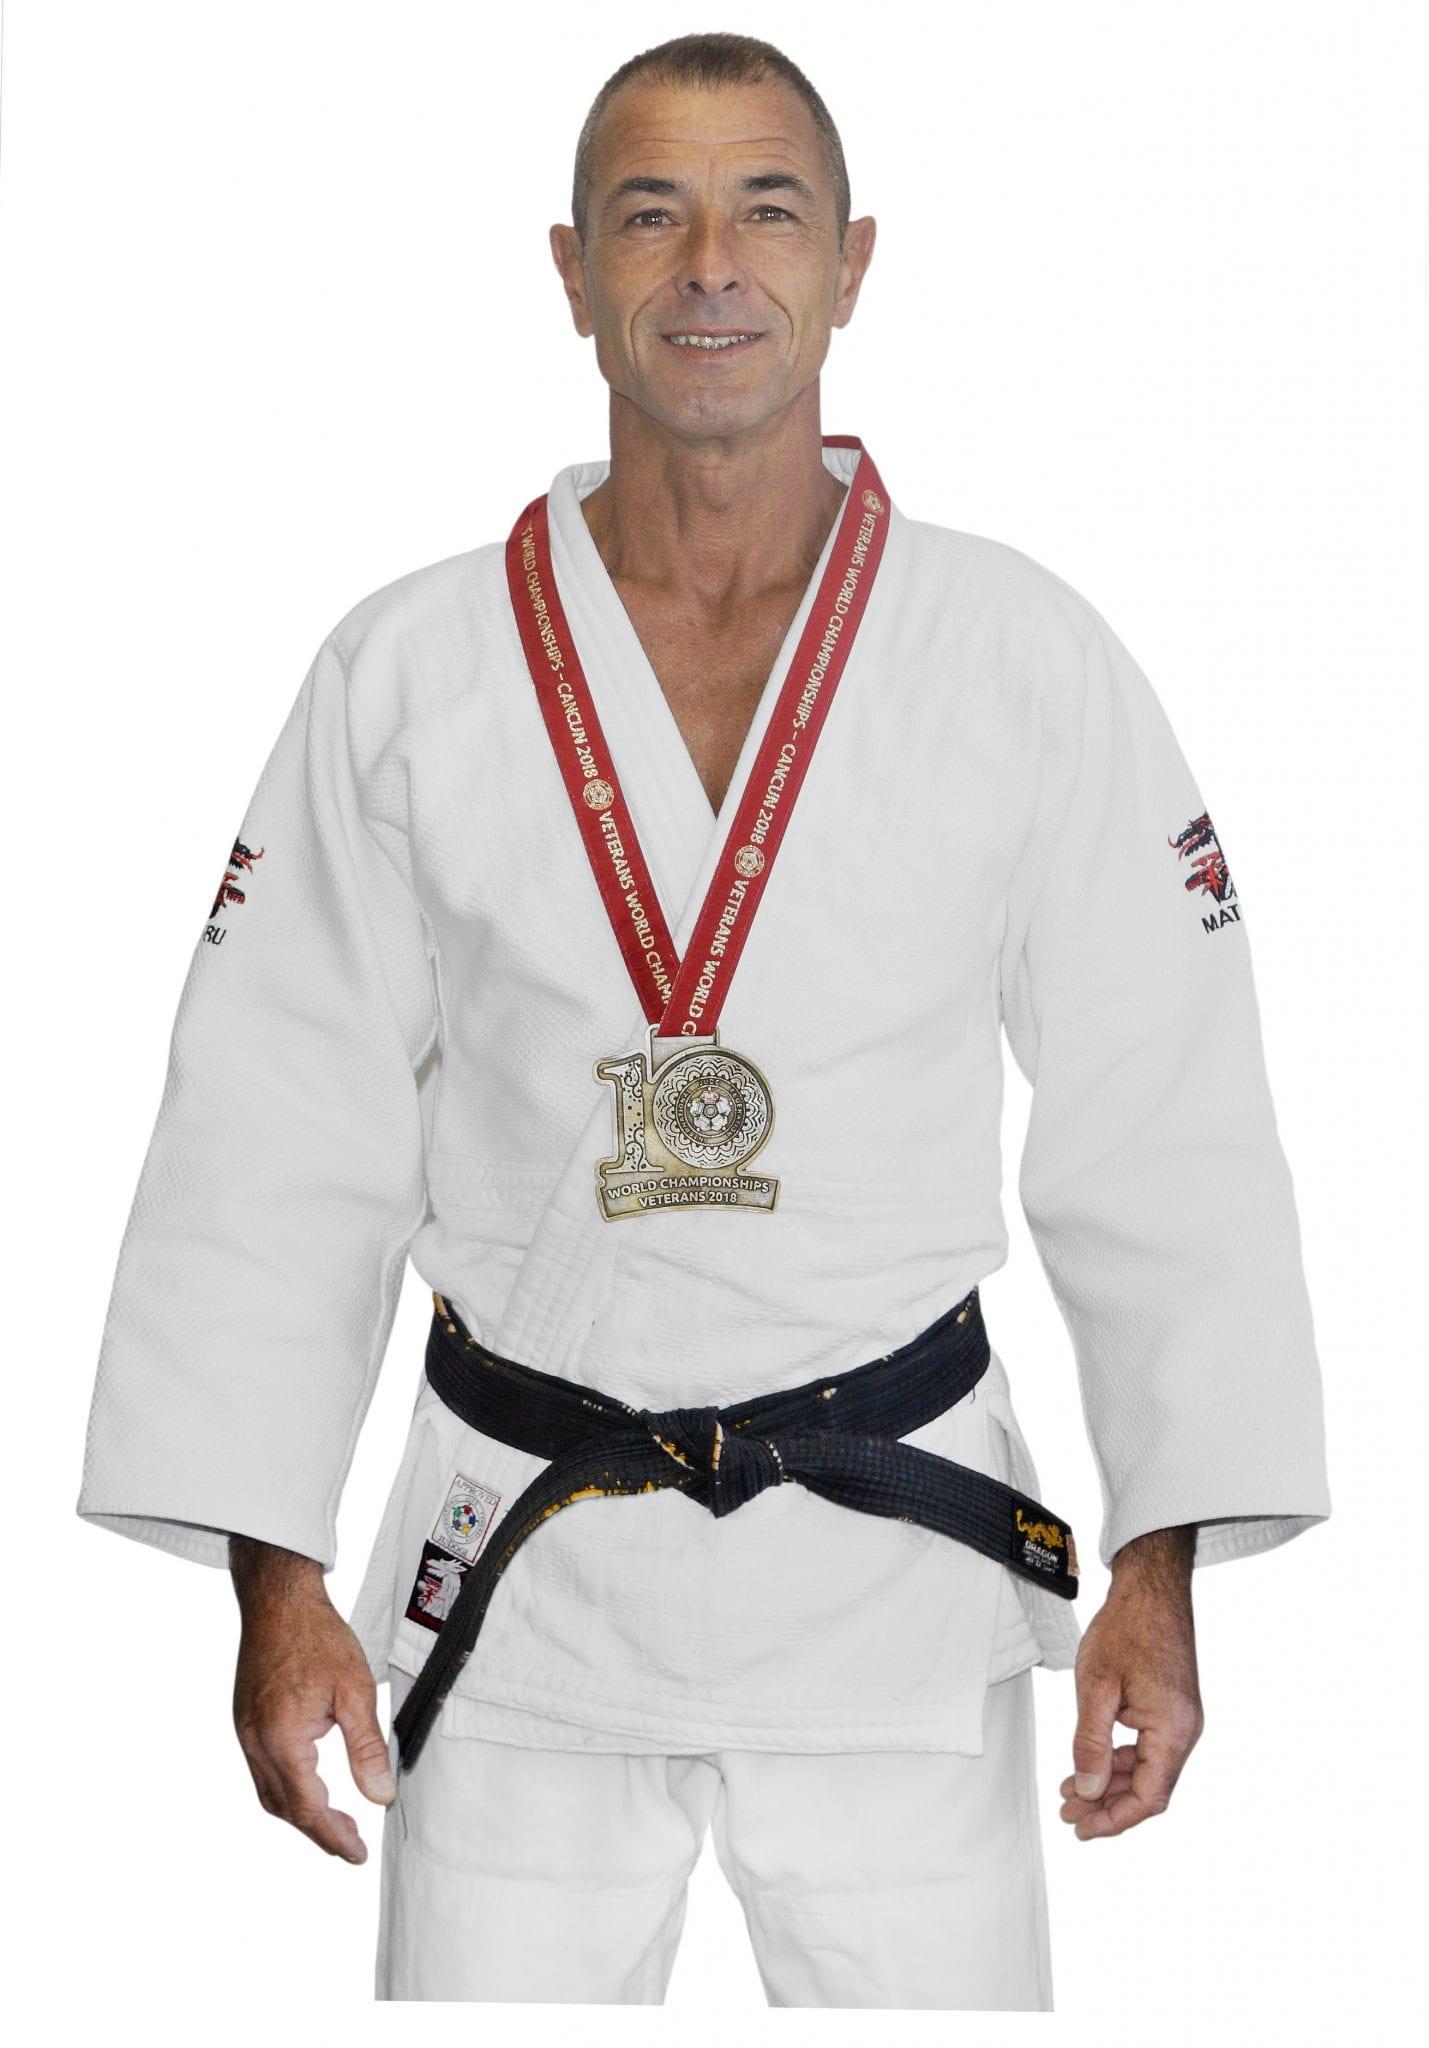 João_Neves_judoca (6)